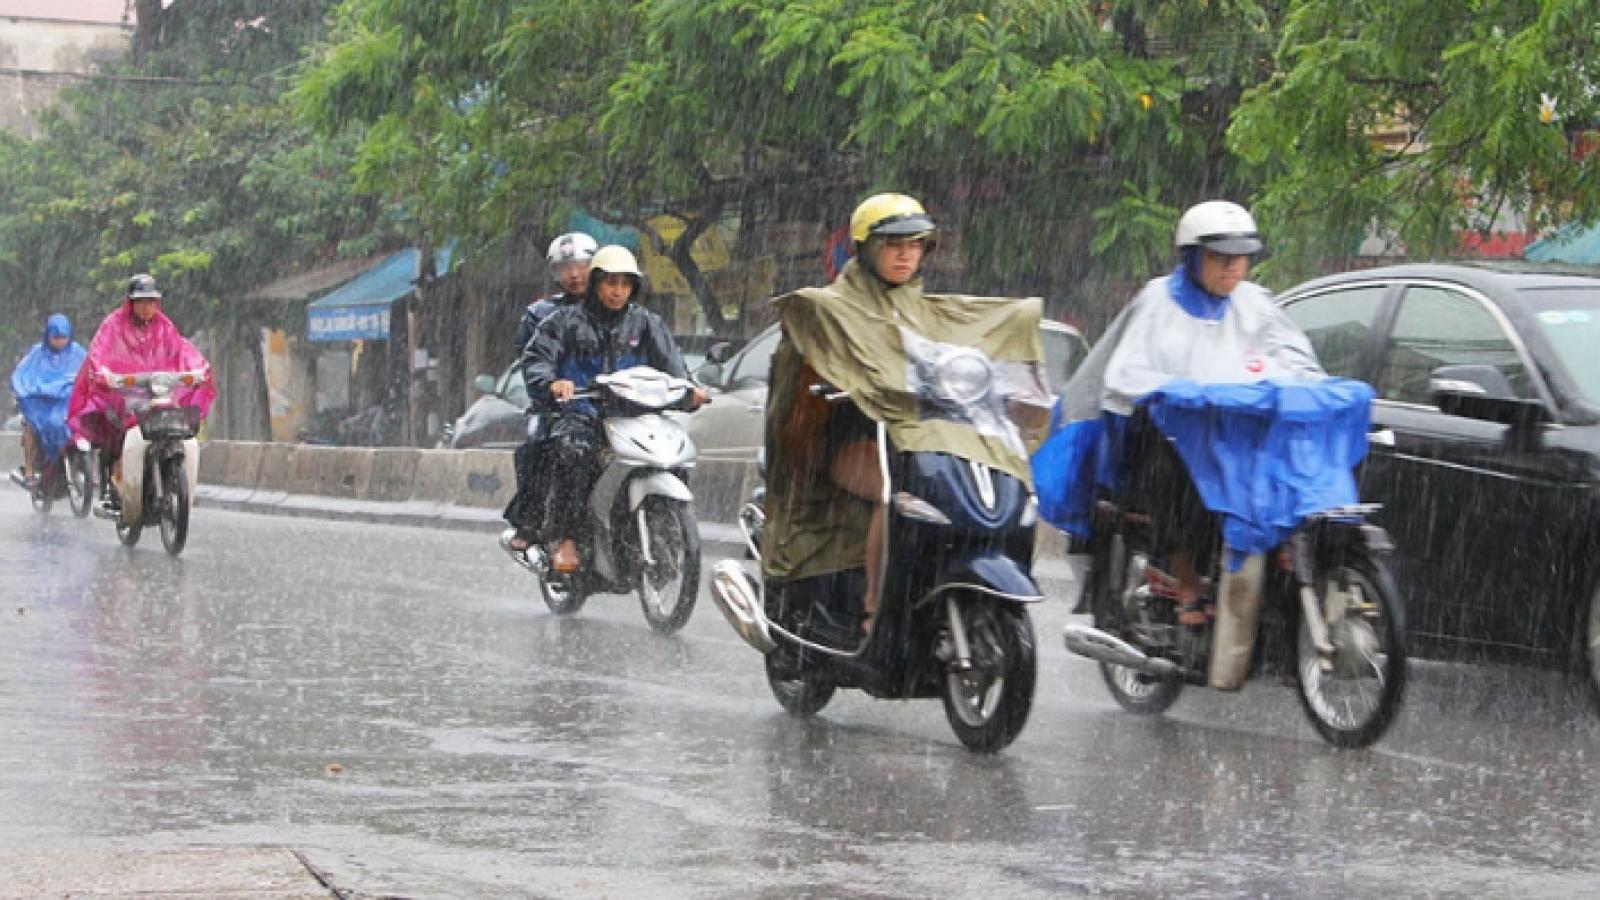 Dự báo thời tiết hôm nay: Các tỉnh vùng núi Bắc Bộ chiều tối có mưa rào